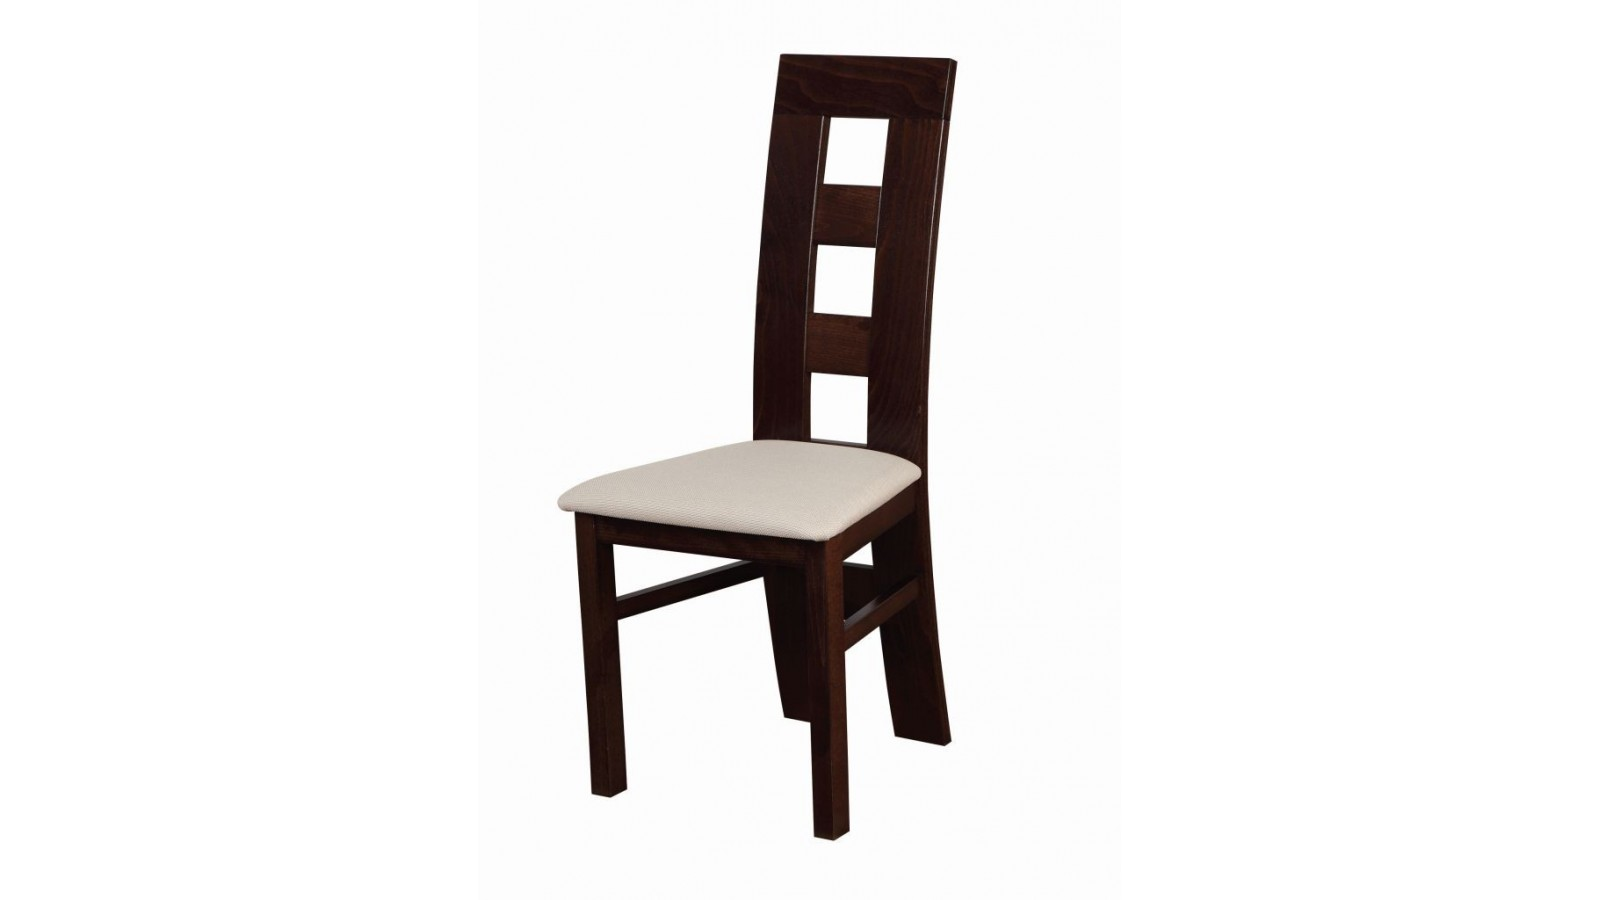 buková masívna stolička Flóra drevo + čalúnenie